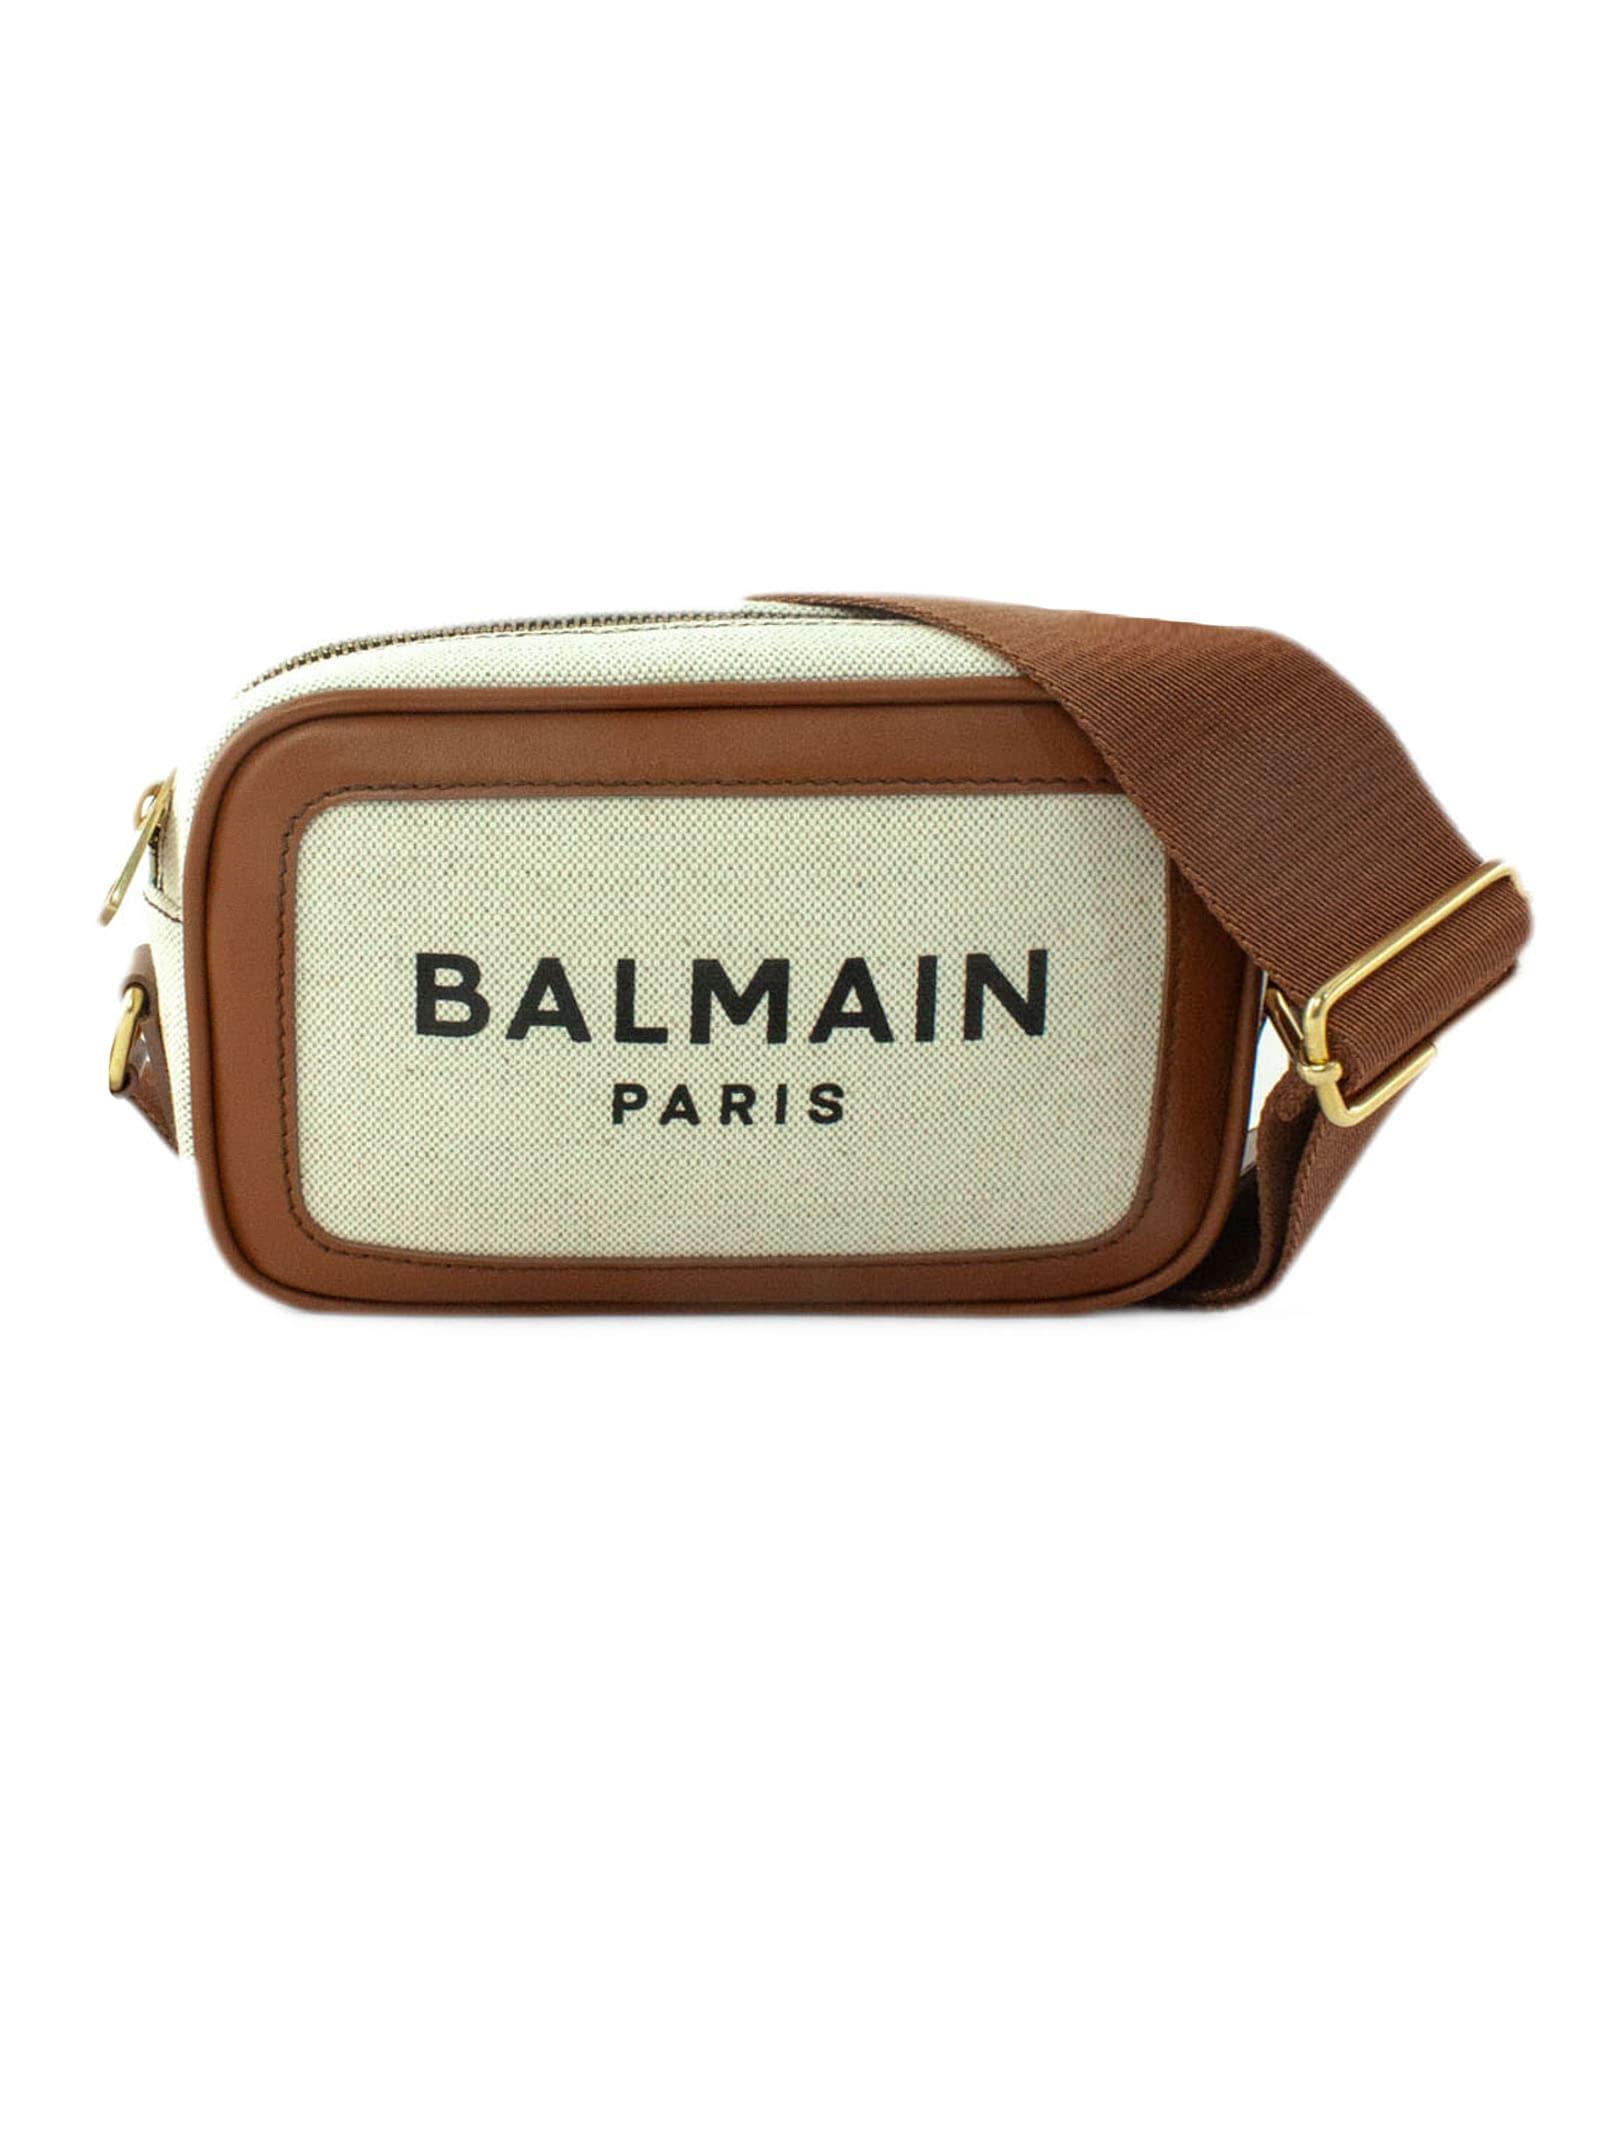 Balmain B-army Logo-print Crossbody Bag In Beige+cuoio